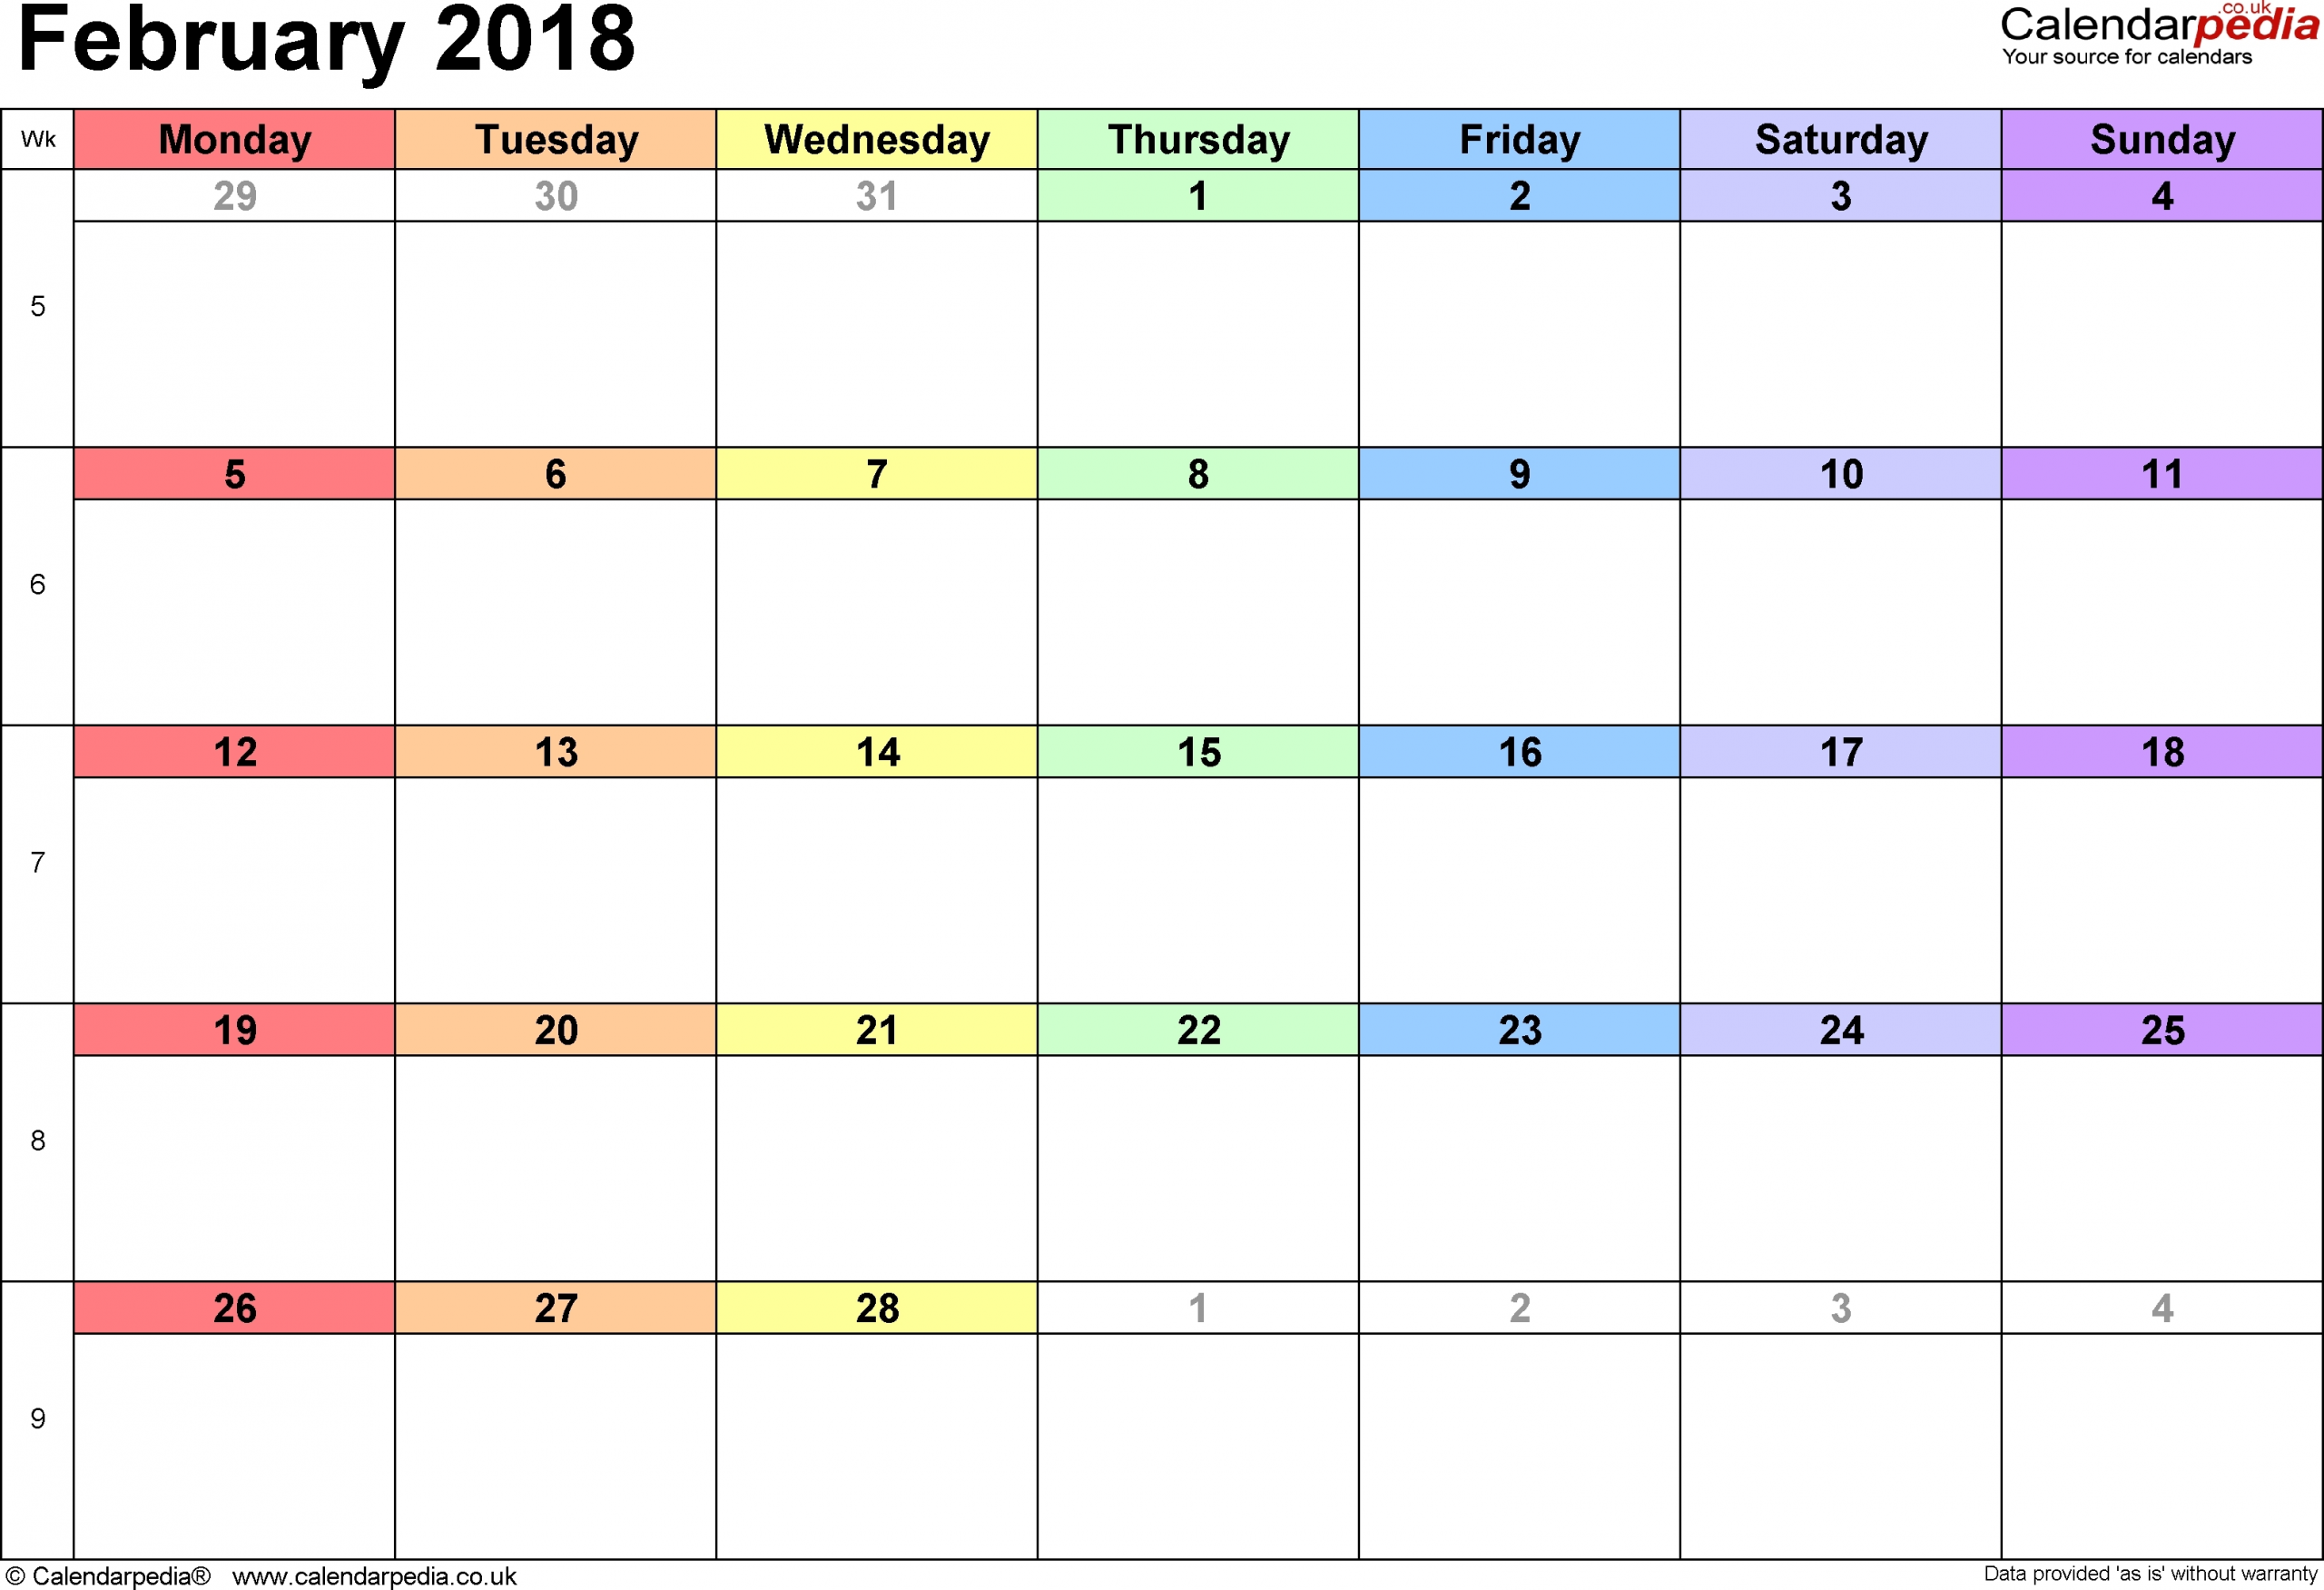 Calendar For February 2018 Uk | Qualads